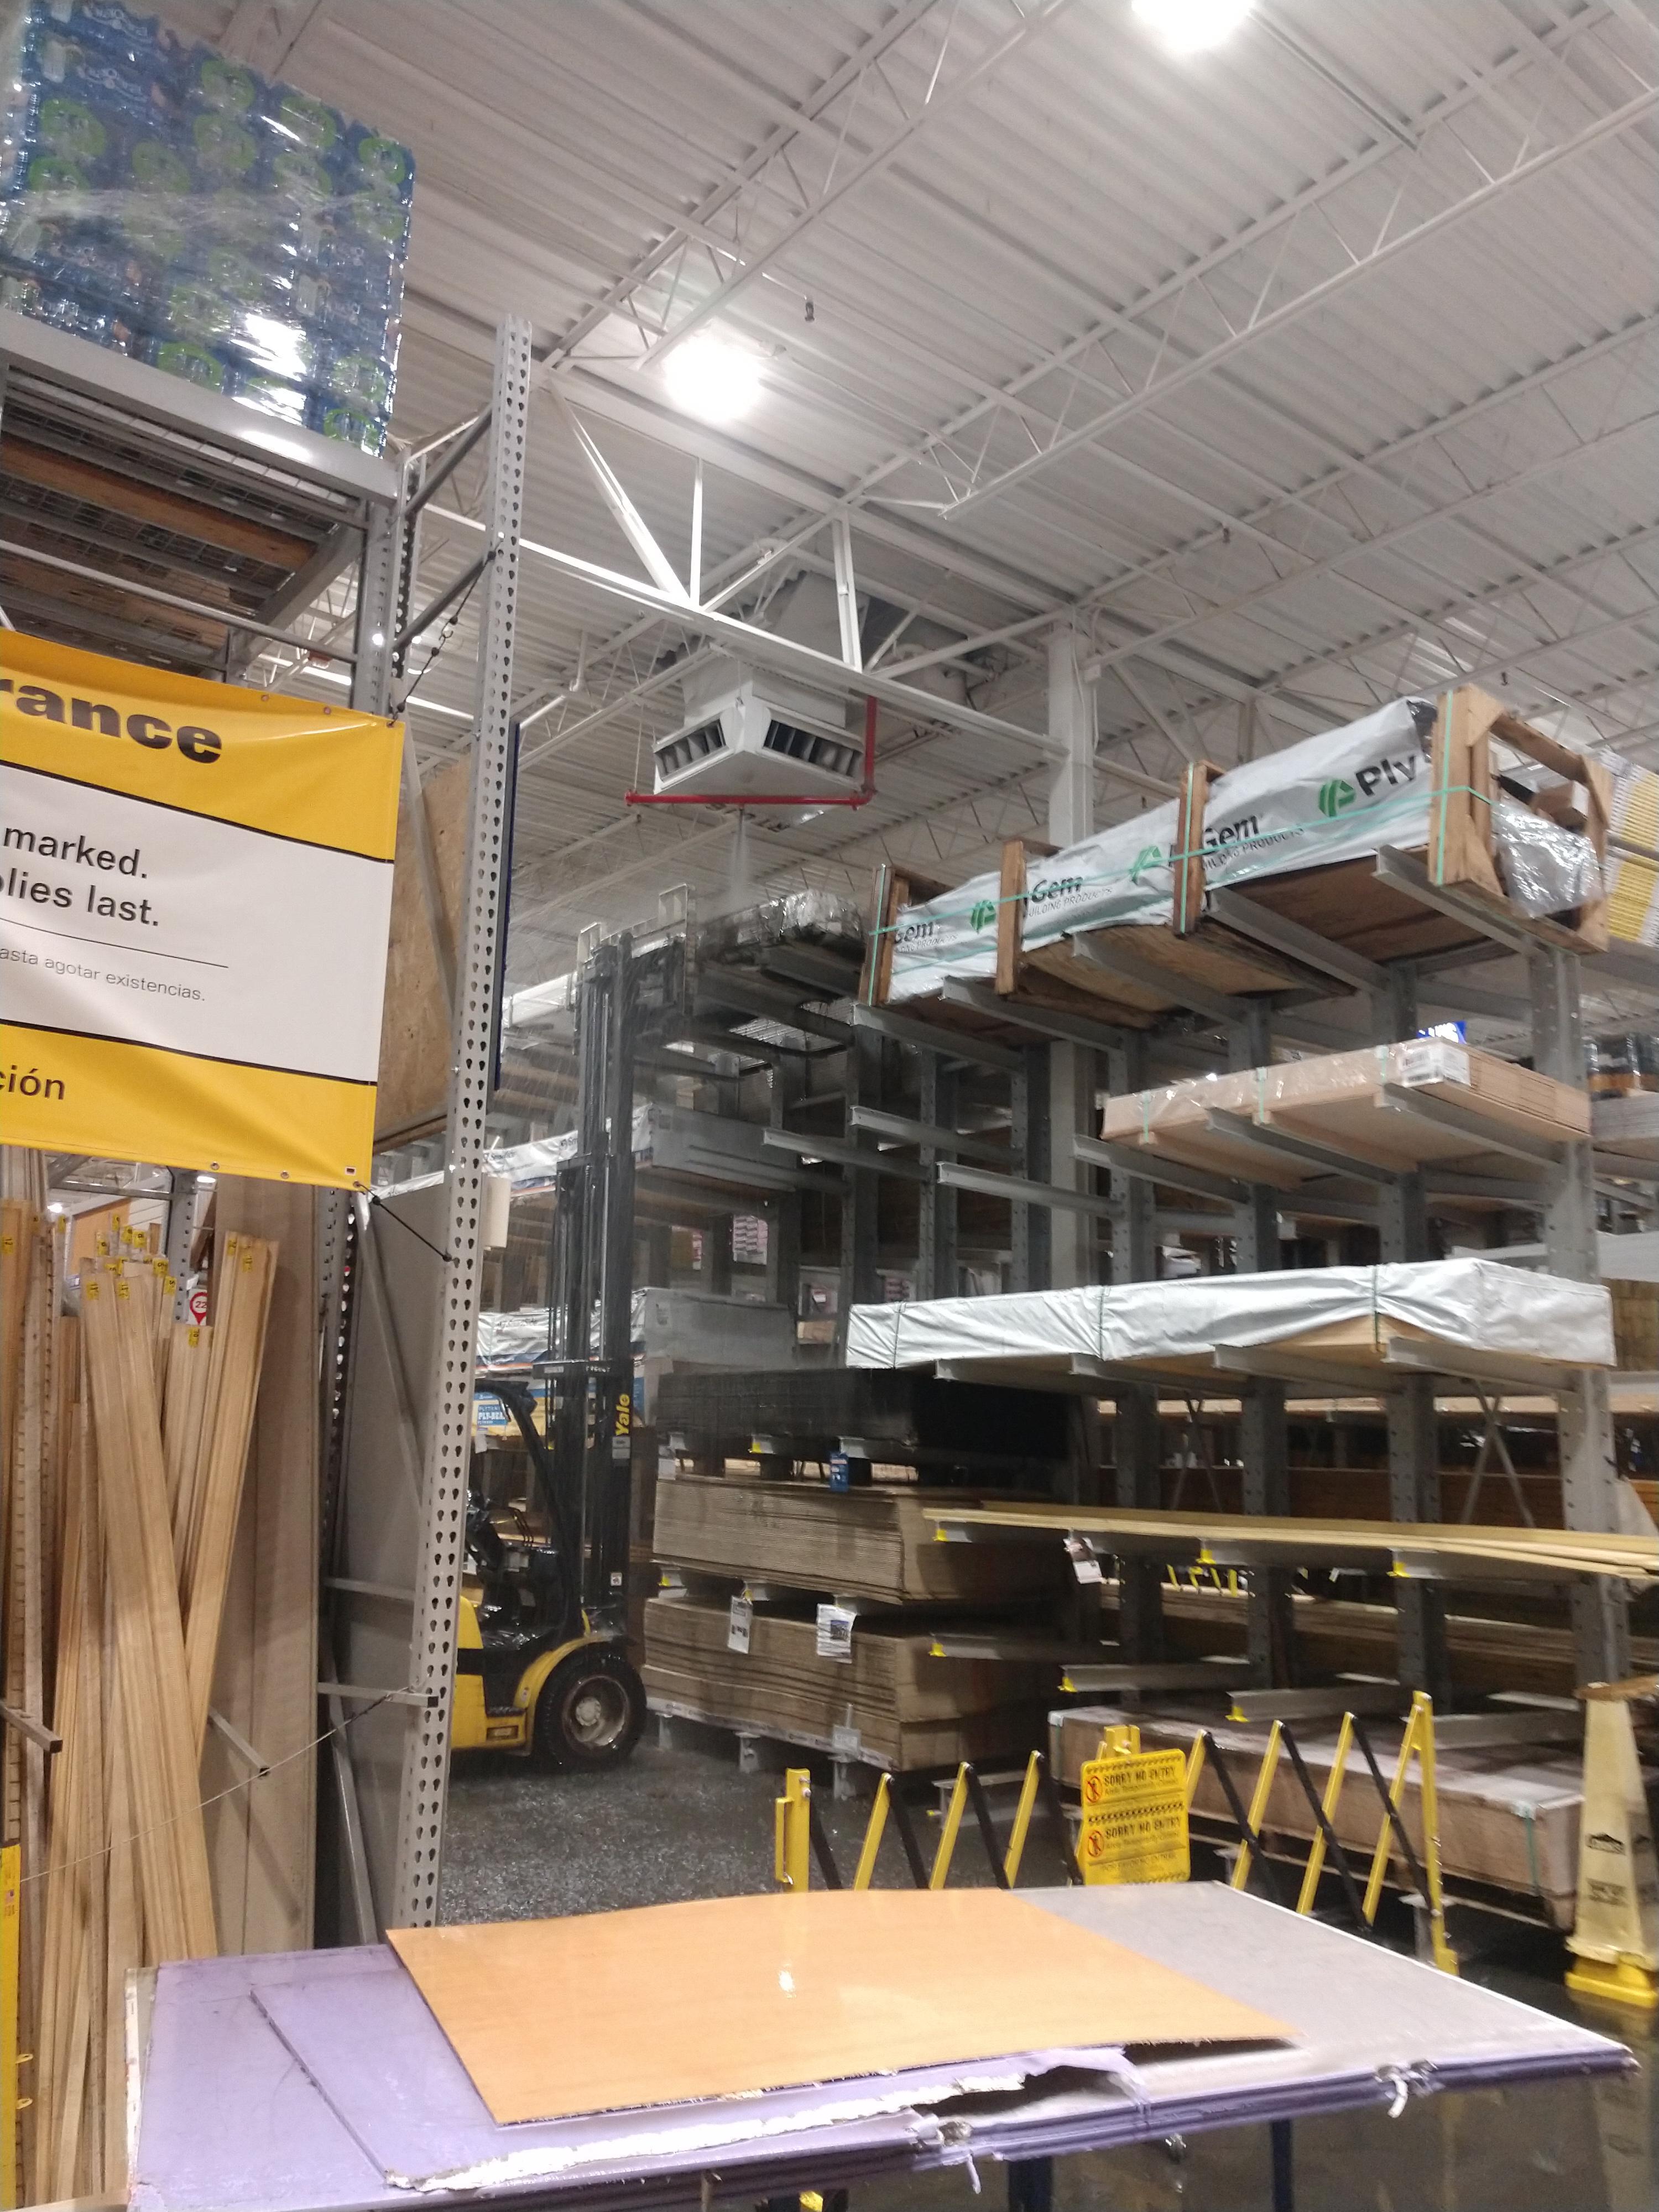 Lowes Sprinkler System : lowes, sprinkler, system, Someone, Fived, Sprinkler, System, Forklift., Delightful, Start, Shift., Lowes